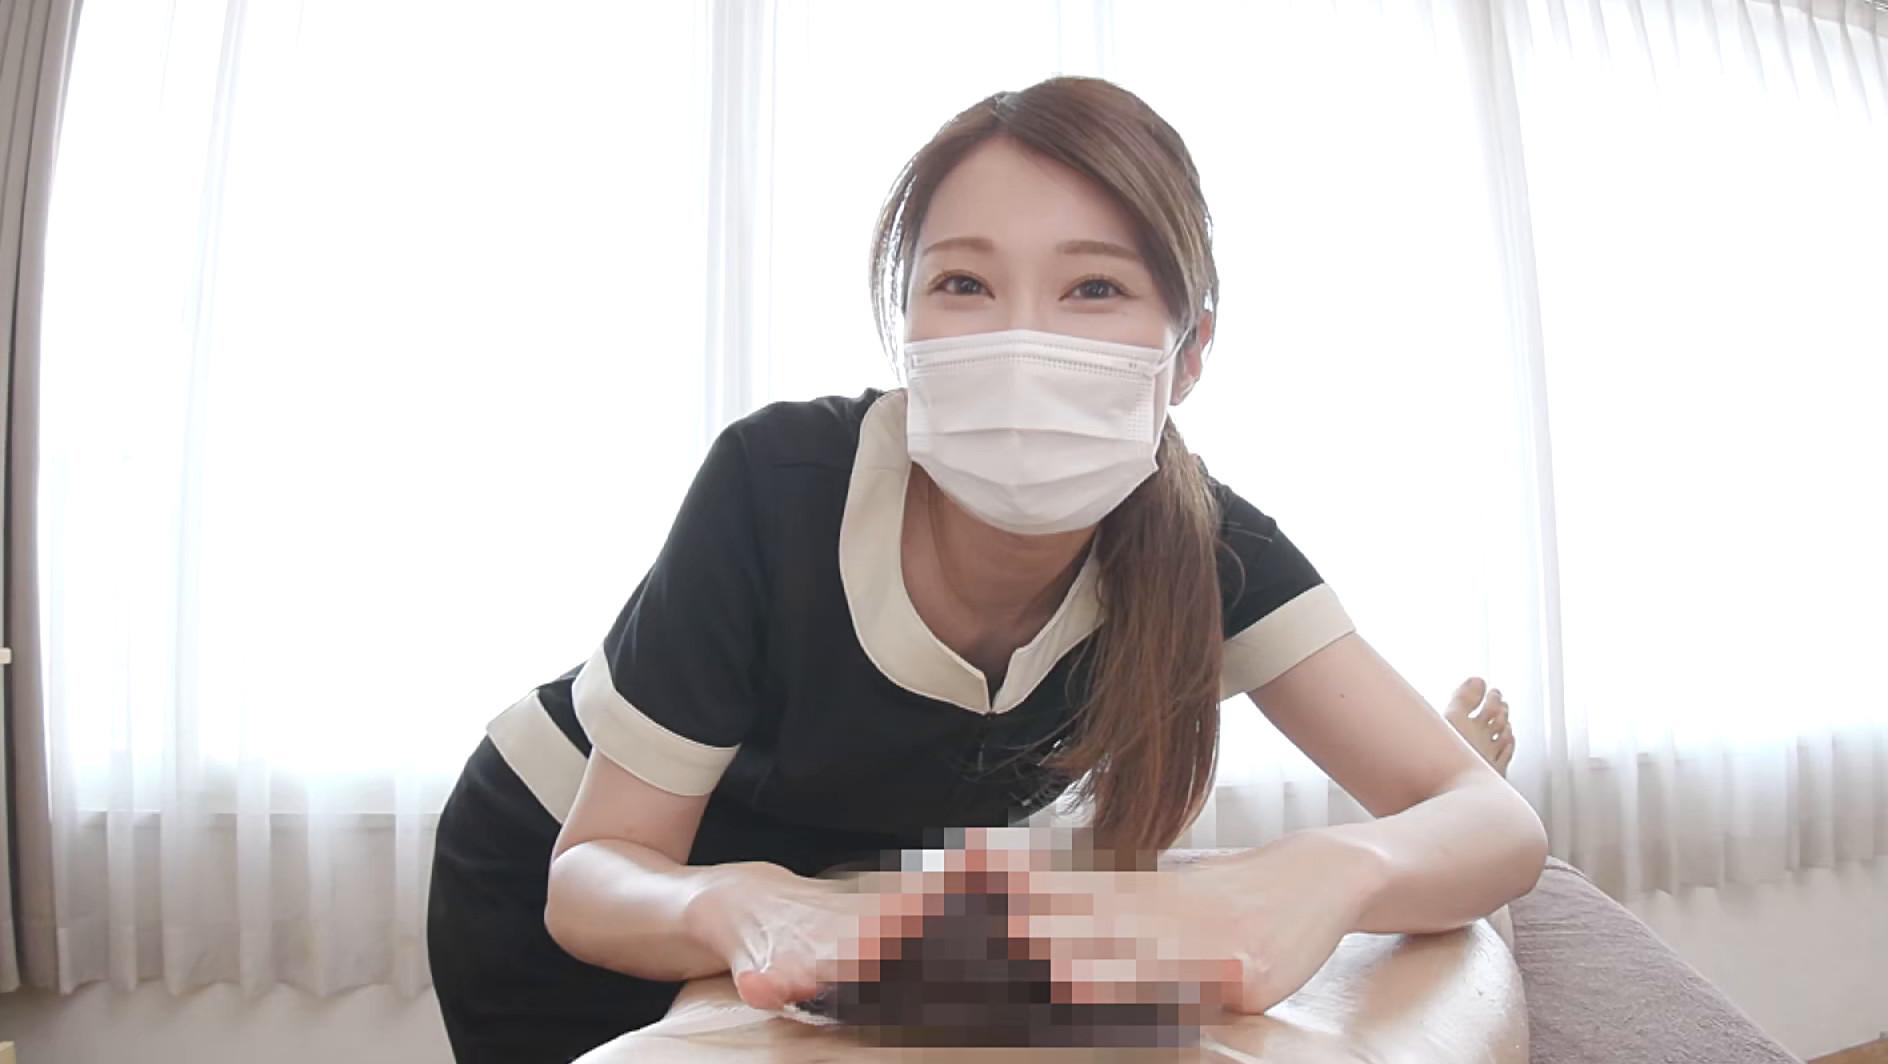 愛嬌溢れる美人エステティシャン由美香さんの初めてのチ〇ポ観察&身悶えるような手コキニックで即射2